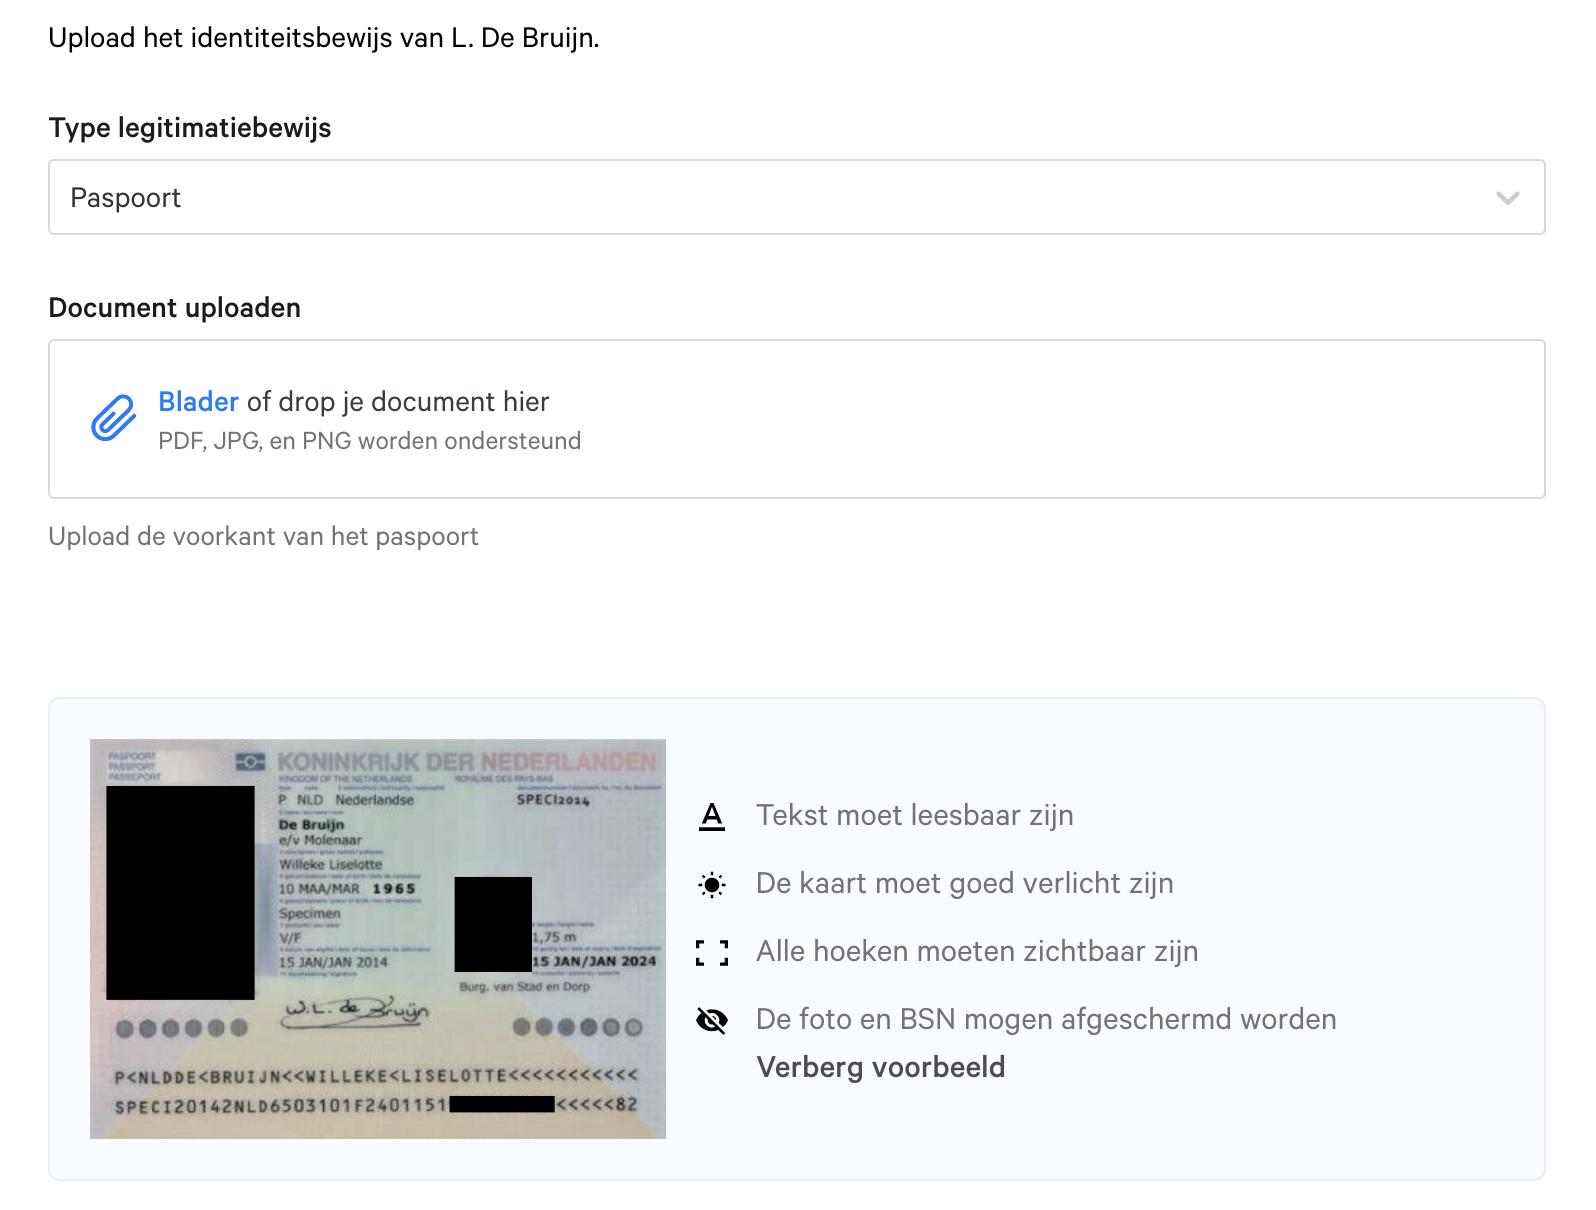 Stap_6_-_Upload_je_identificatiedocument_-_paspoort_afgeschermd.png